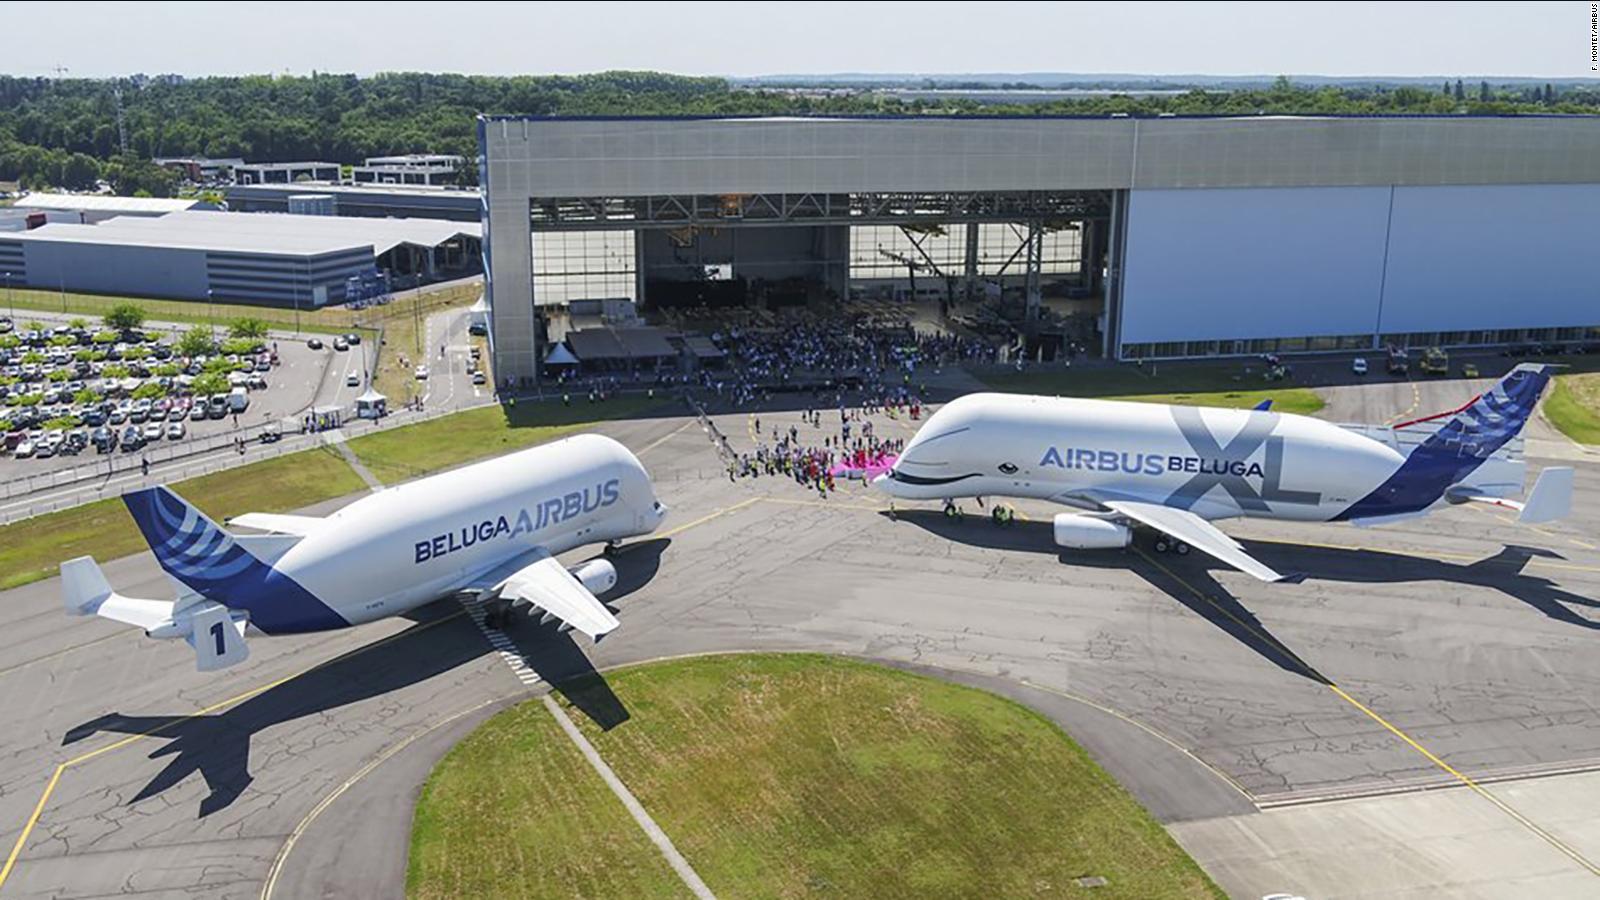 180719185318-02-beluga-plane-full-169.jp